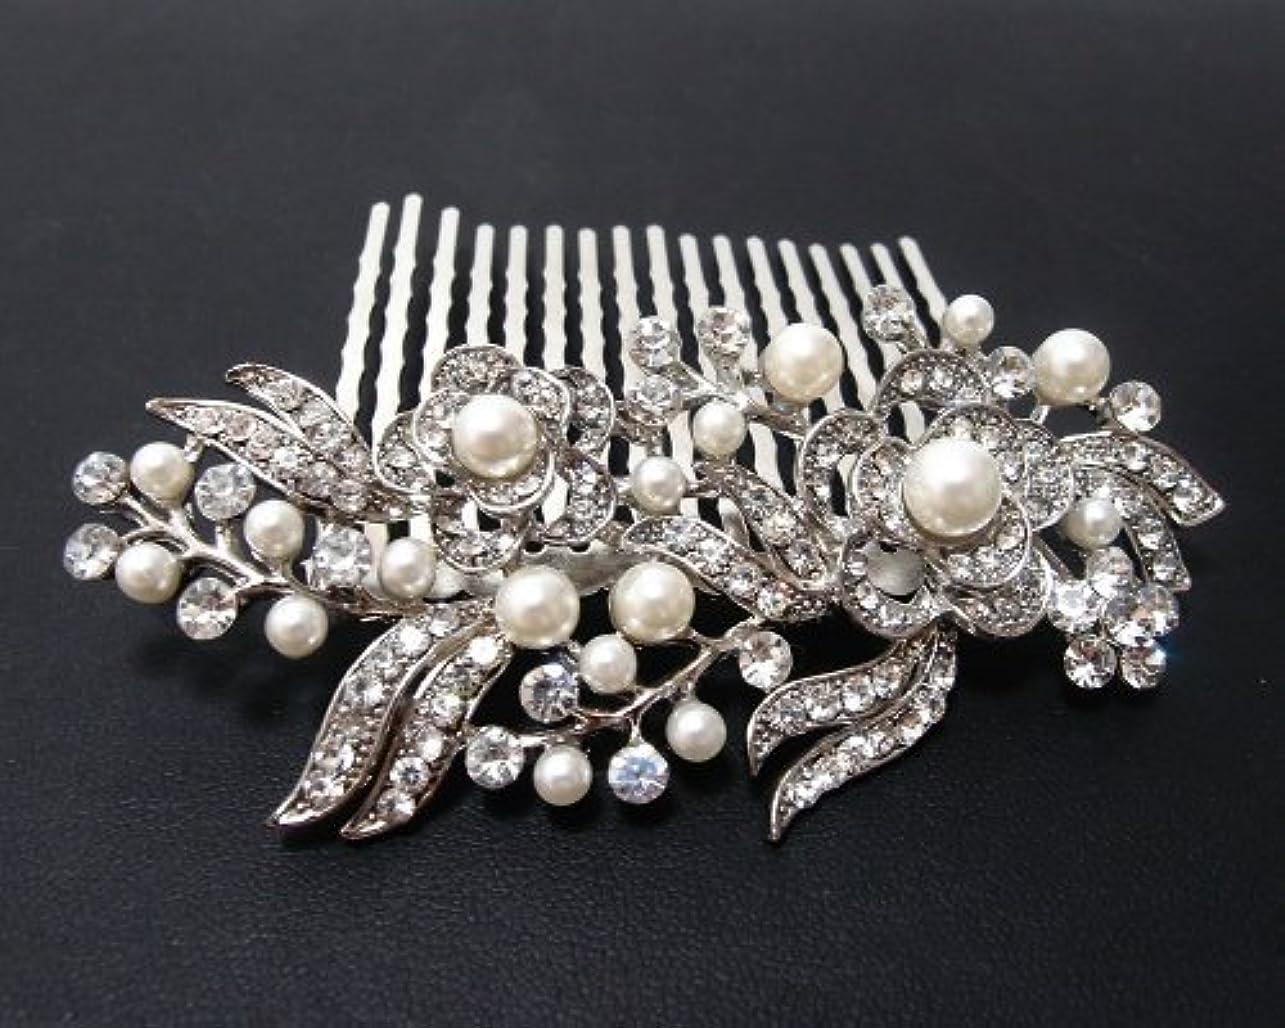 メルボルンハチ希少性beautiful elegant wedding bridal hair comb pearl and crystal #222 by beautyxyz [並行輸入品]